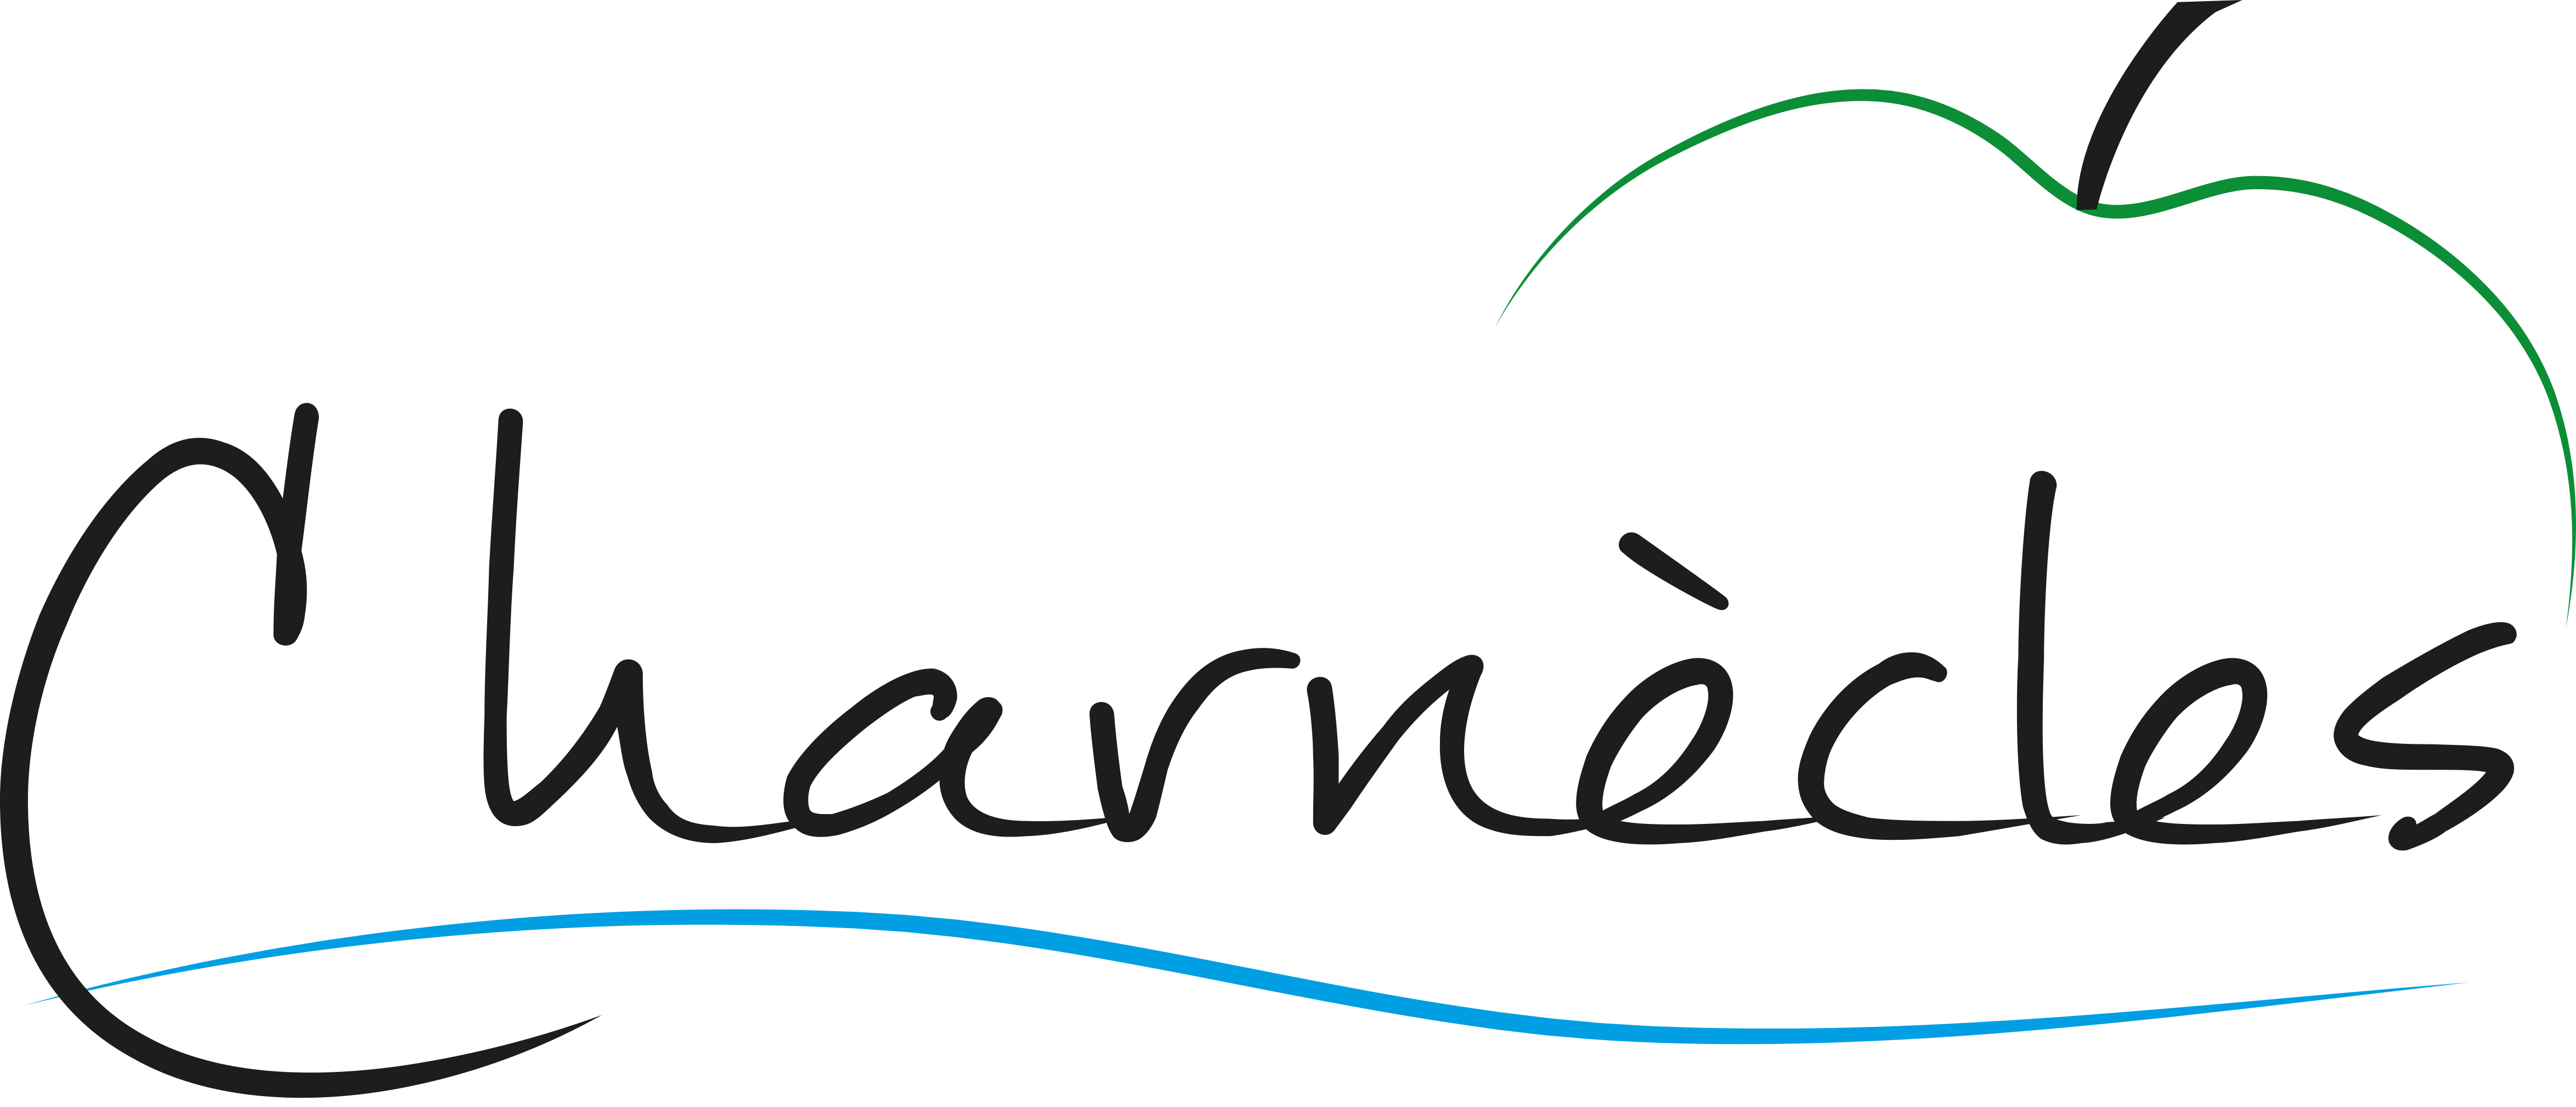 """Résultat de recherche d'images pour """"logo charnecles"""""""